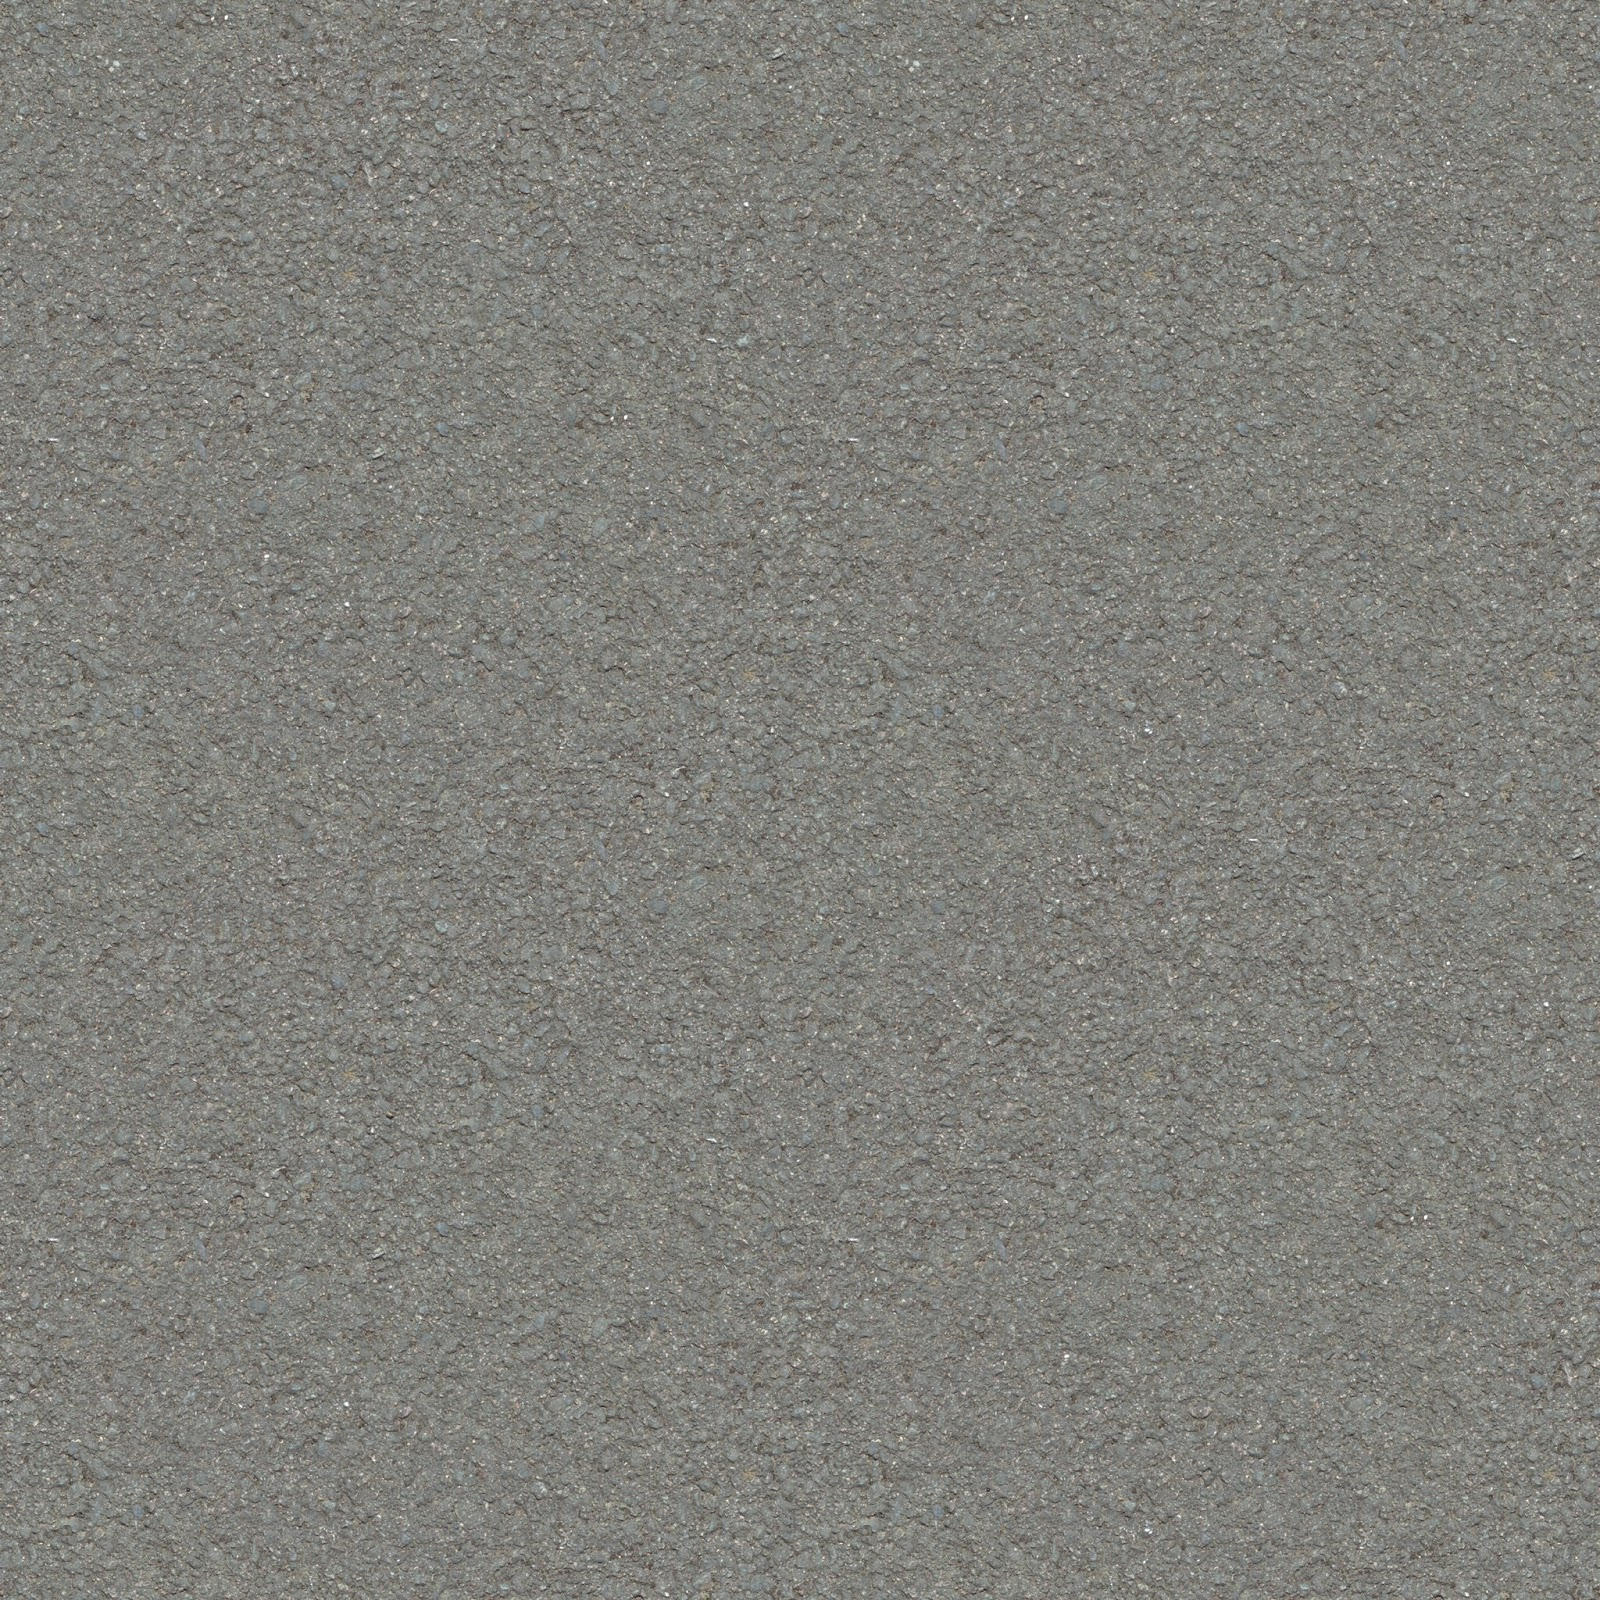 High Resolution Seamless Textures Asphalt 1 Seamless